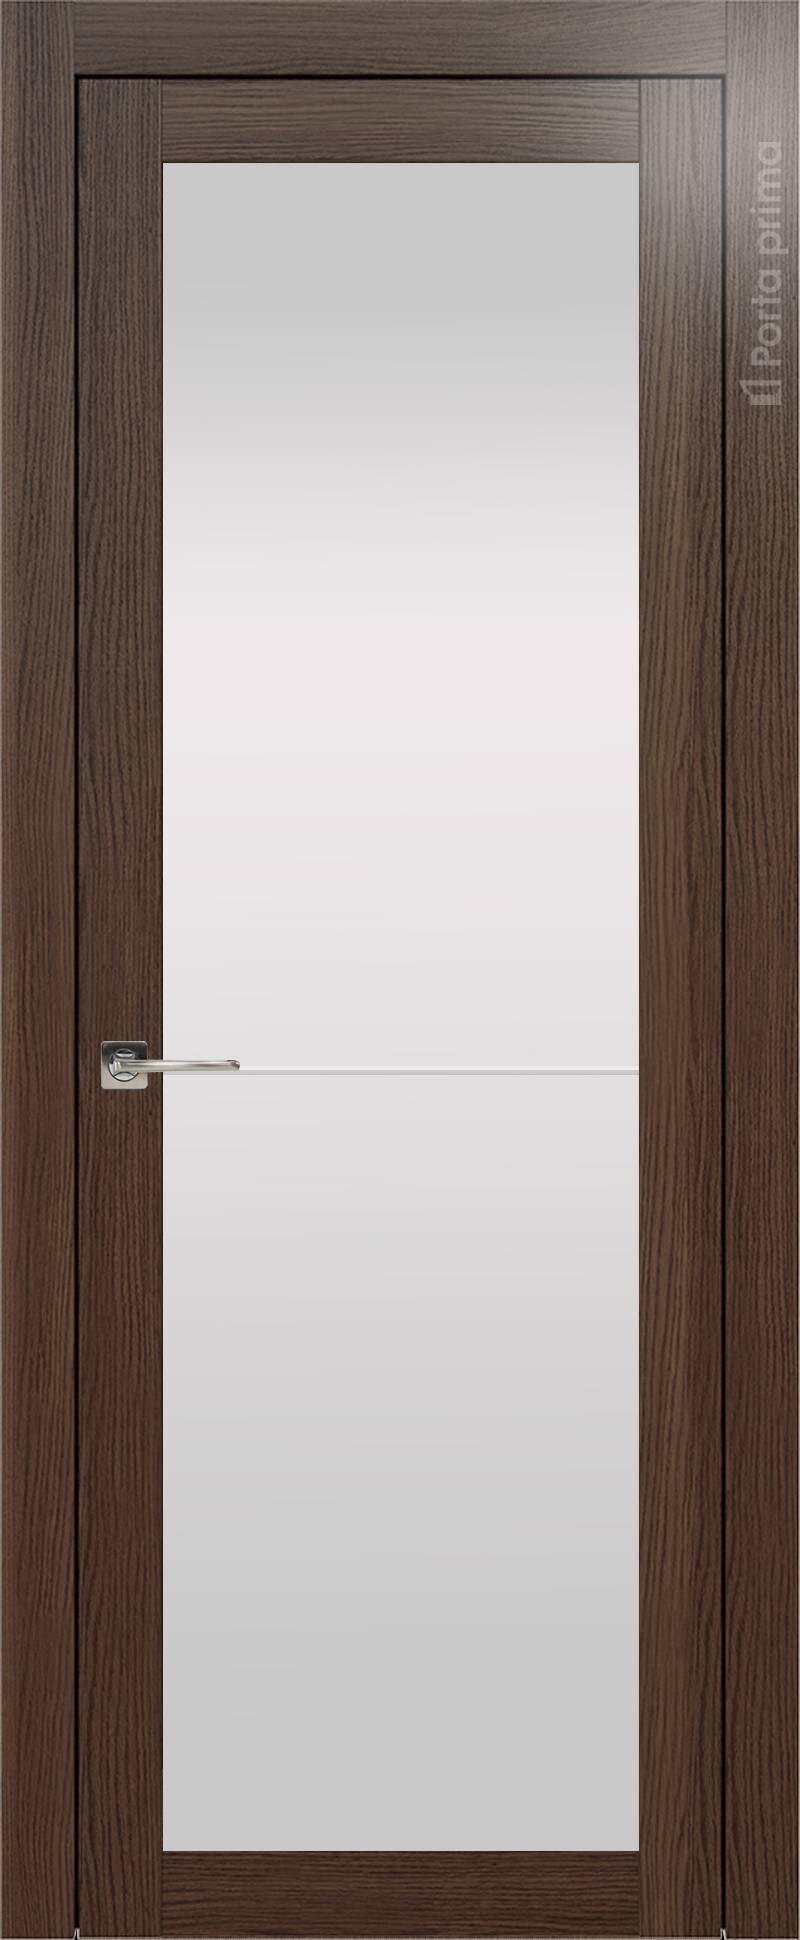 Tivoli З-2 цвет - Дуб торонто Со стеклом (ДО)